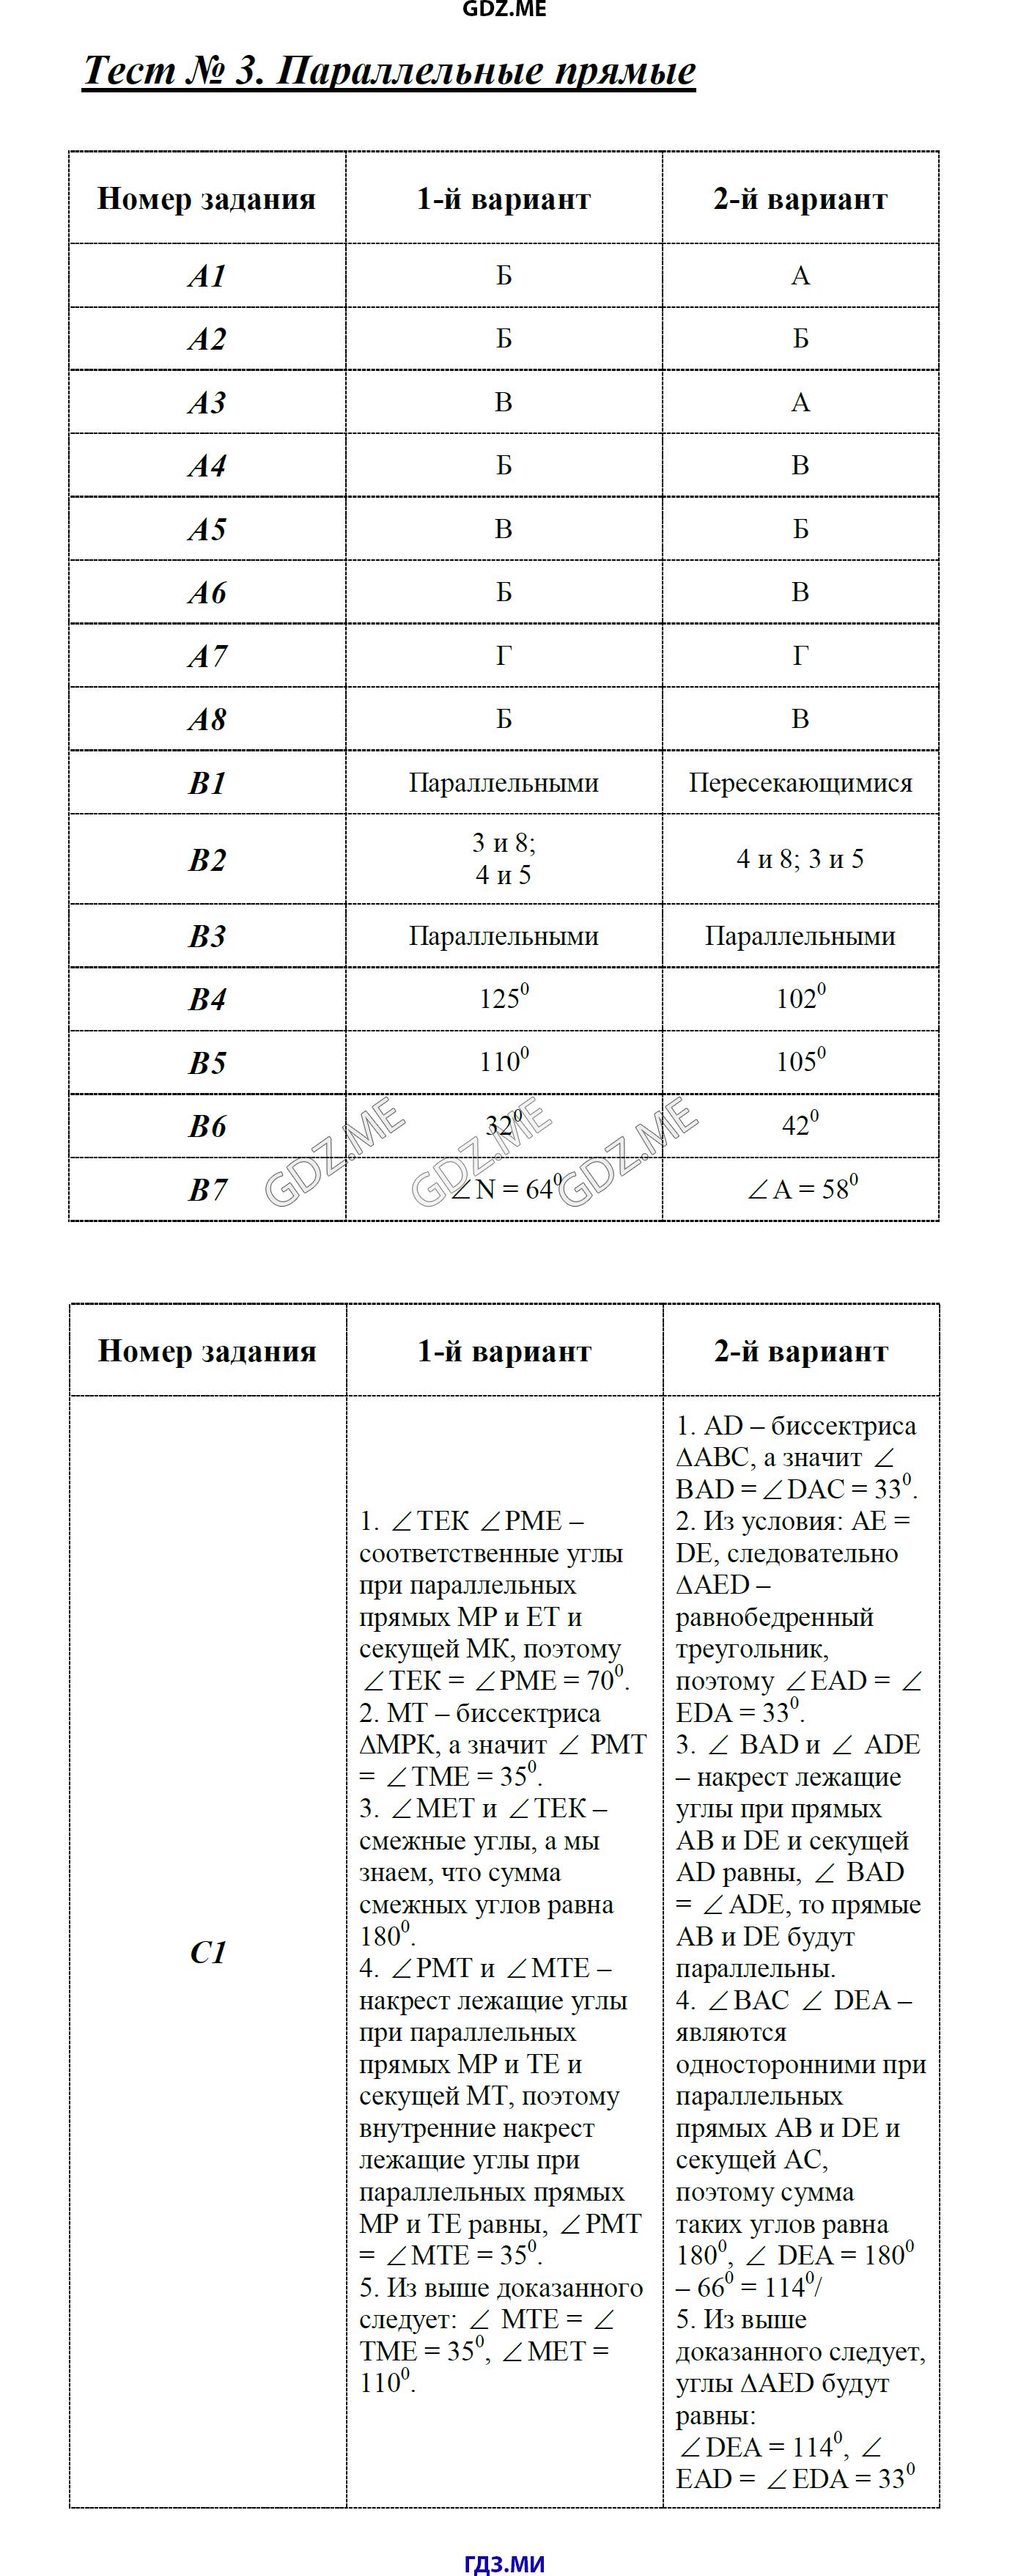 Гдз ответы на тест по геометрии 7 класс